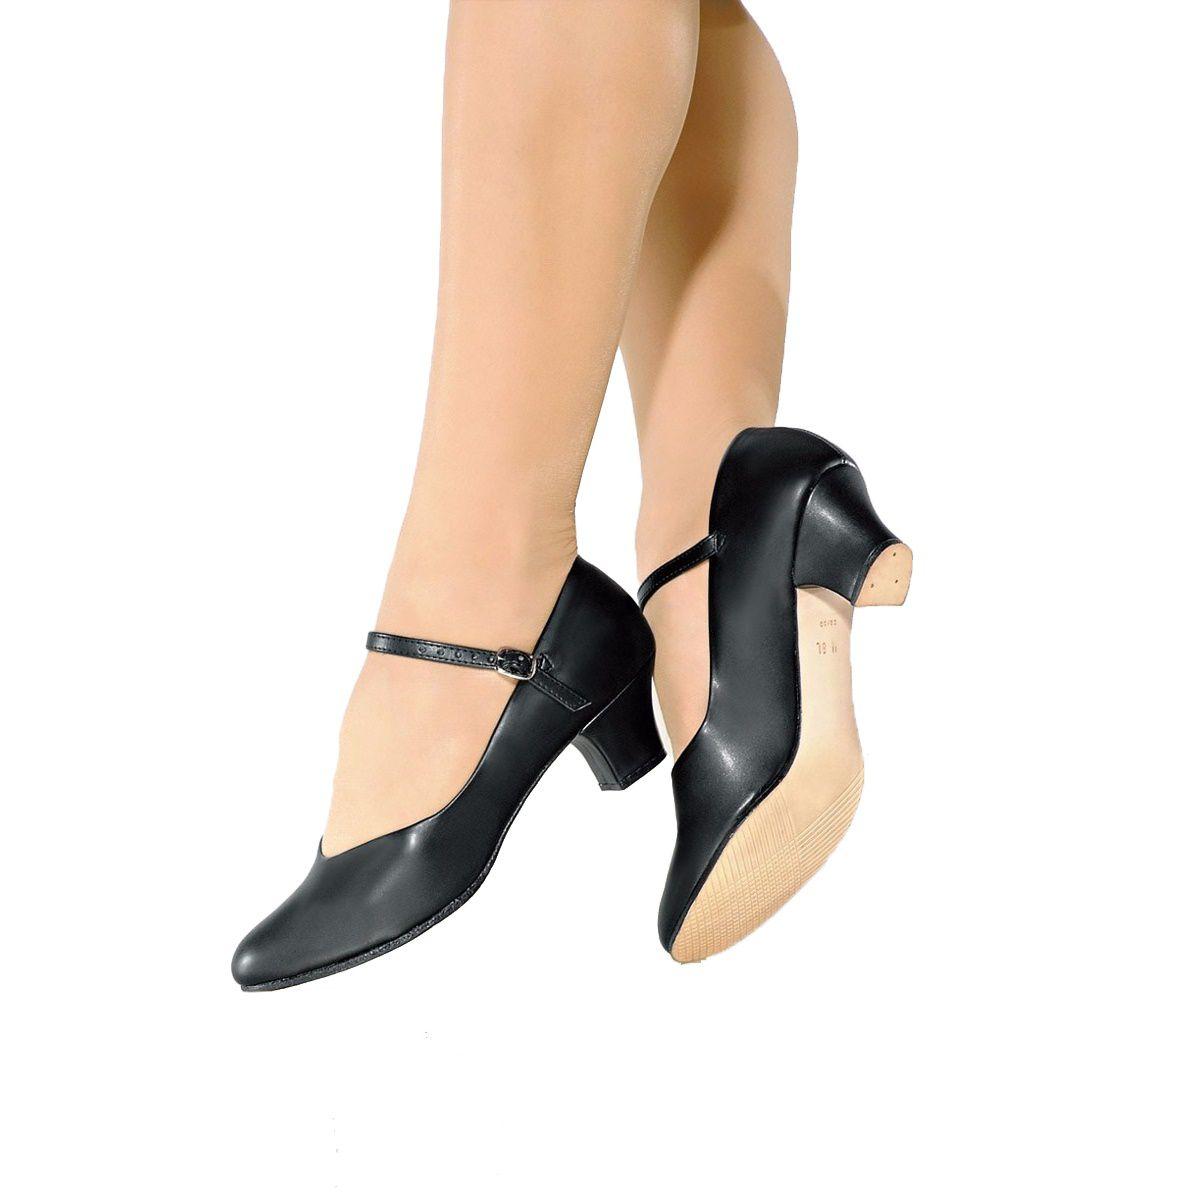 d2b013f5f4 Sapato Dança De Salão Só Dança Napa Salto 5cm Preto - SPORT CENTER JARAGUÁ